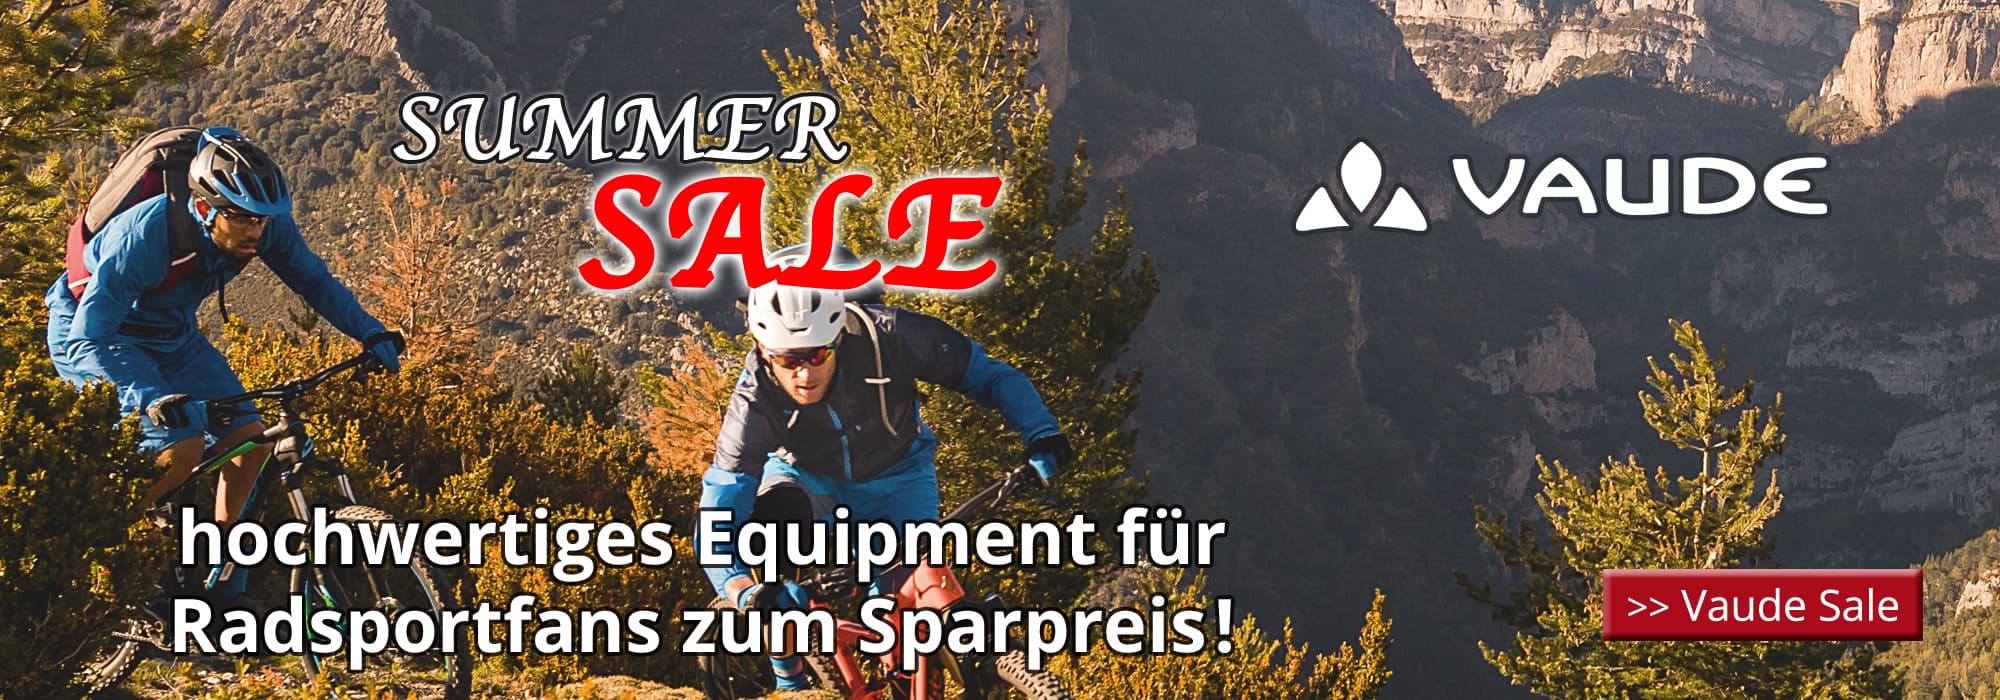 Vaude Summer Sale - hochwertiges Equipment für Radsportfans zum Sparpreis